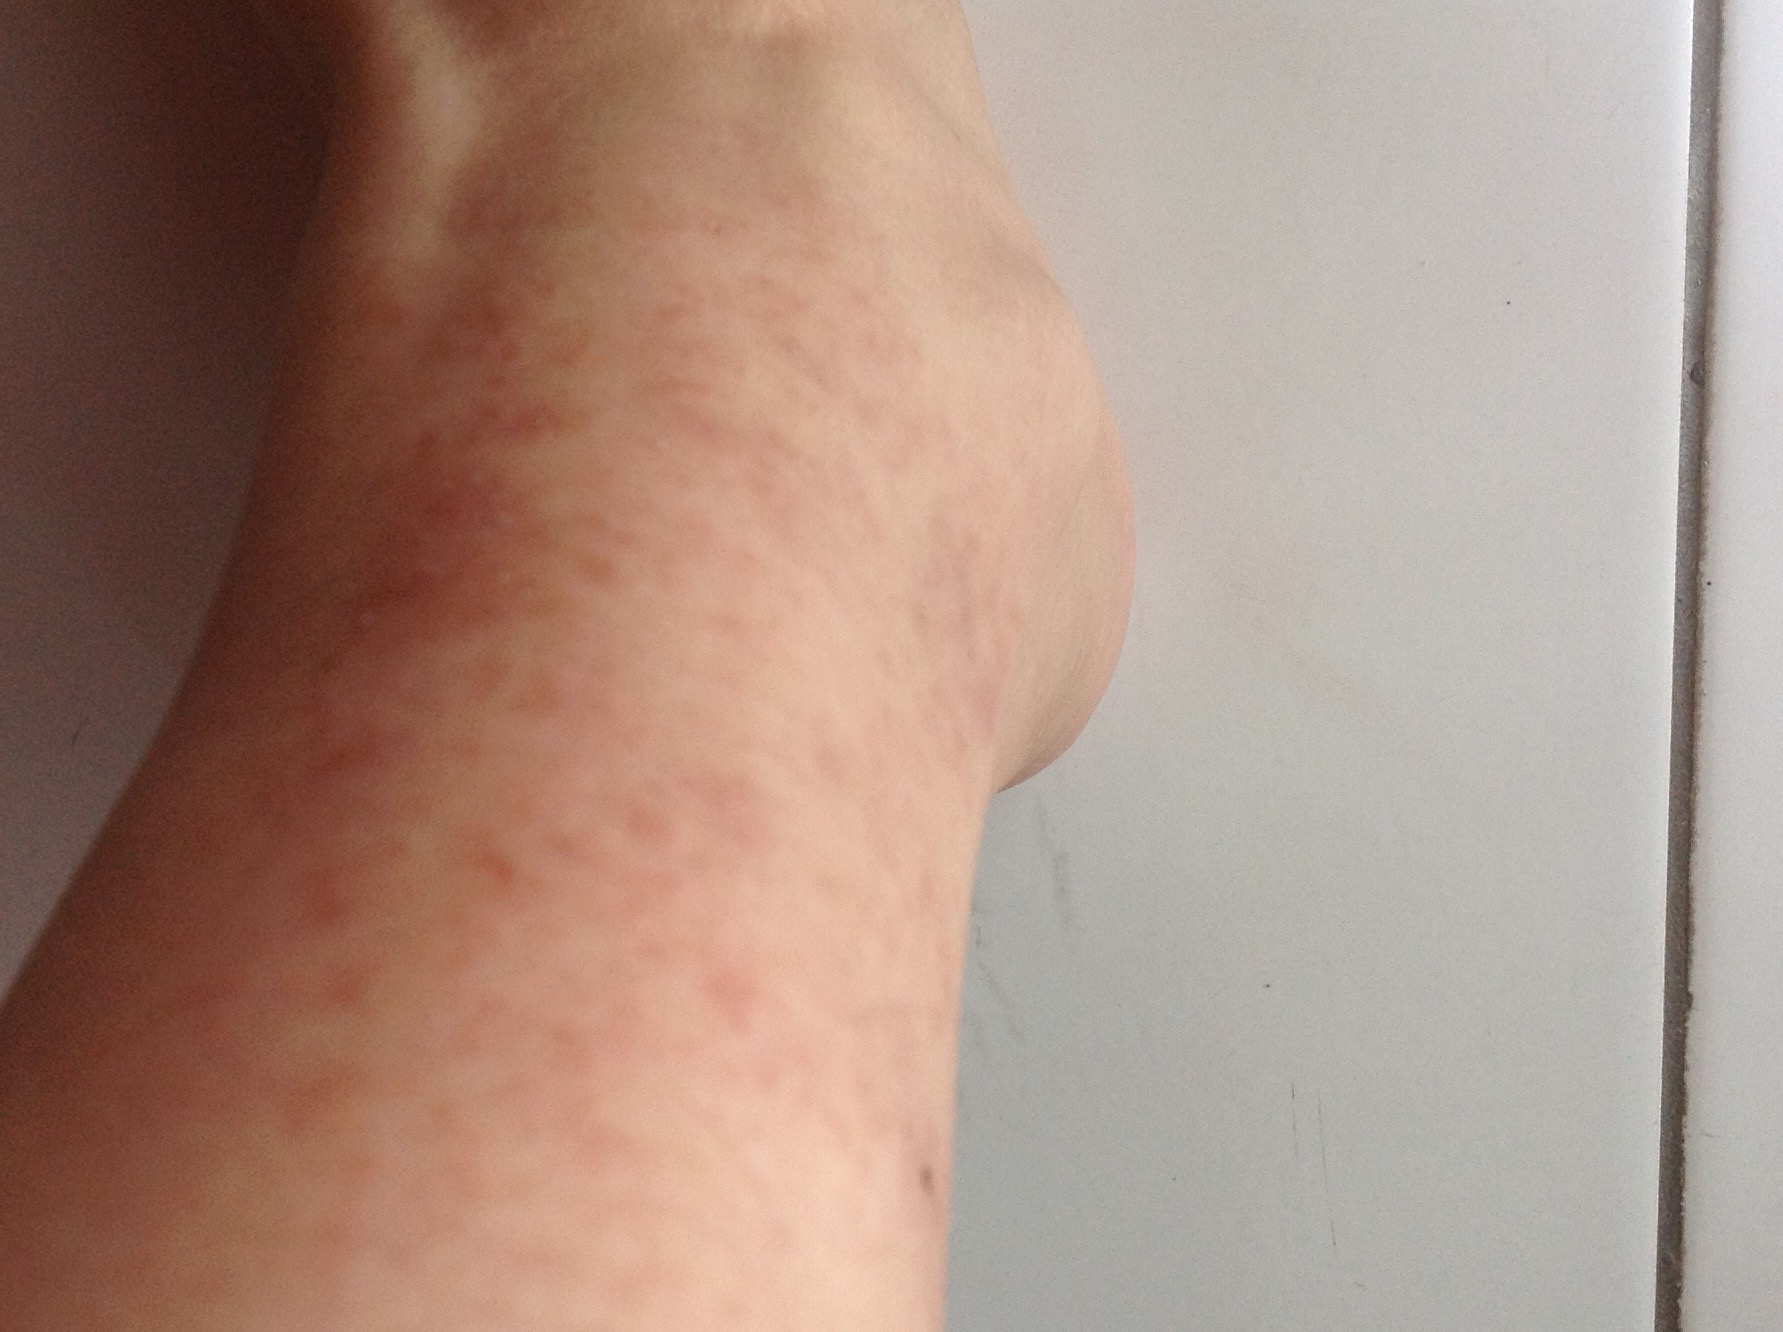 染发后,脖子后面皮肤瘙痒,持续半年多期间有涂抹皮炎平,情况反